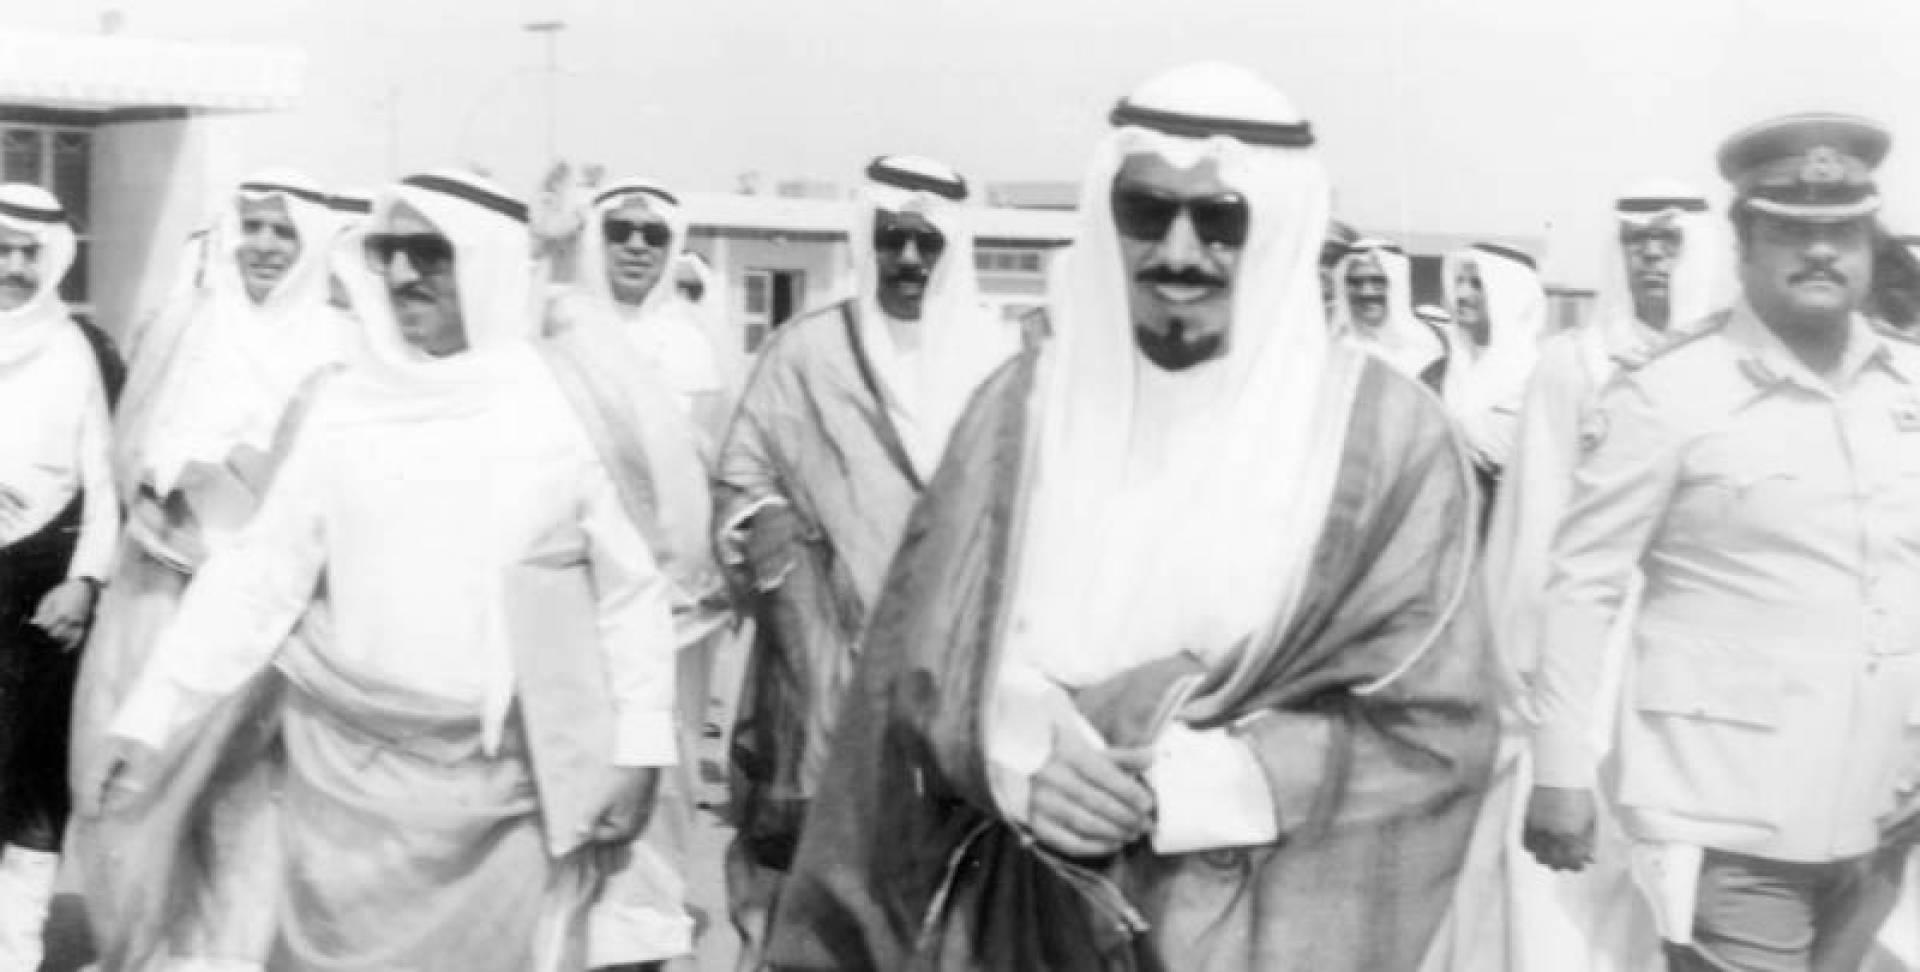 سمو أمير البلاد يغادر أرض الوطن متوجها إلى أبو ظبي لحضور مؤتمر قمة مجلس التعاون الخليجي الأول